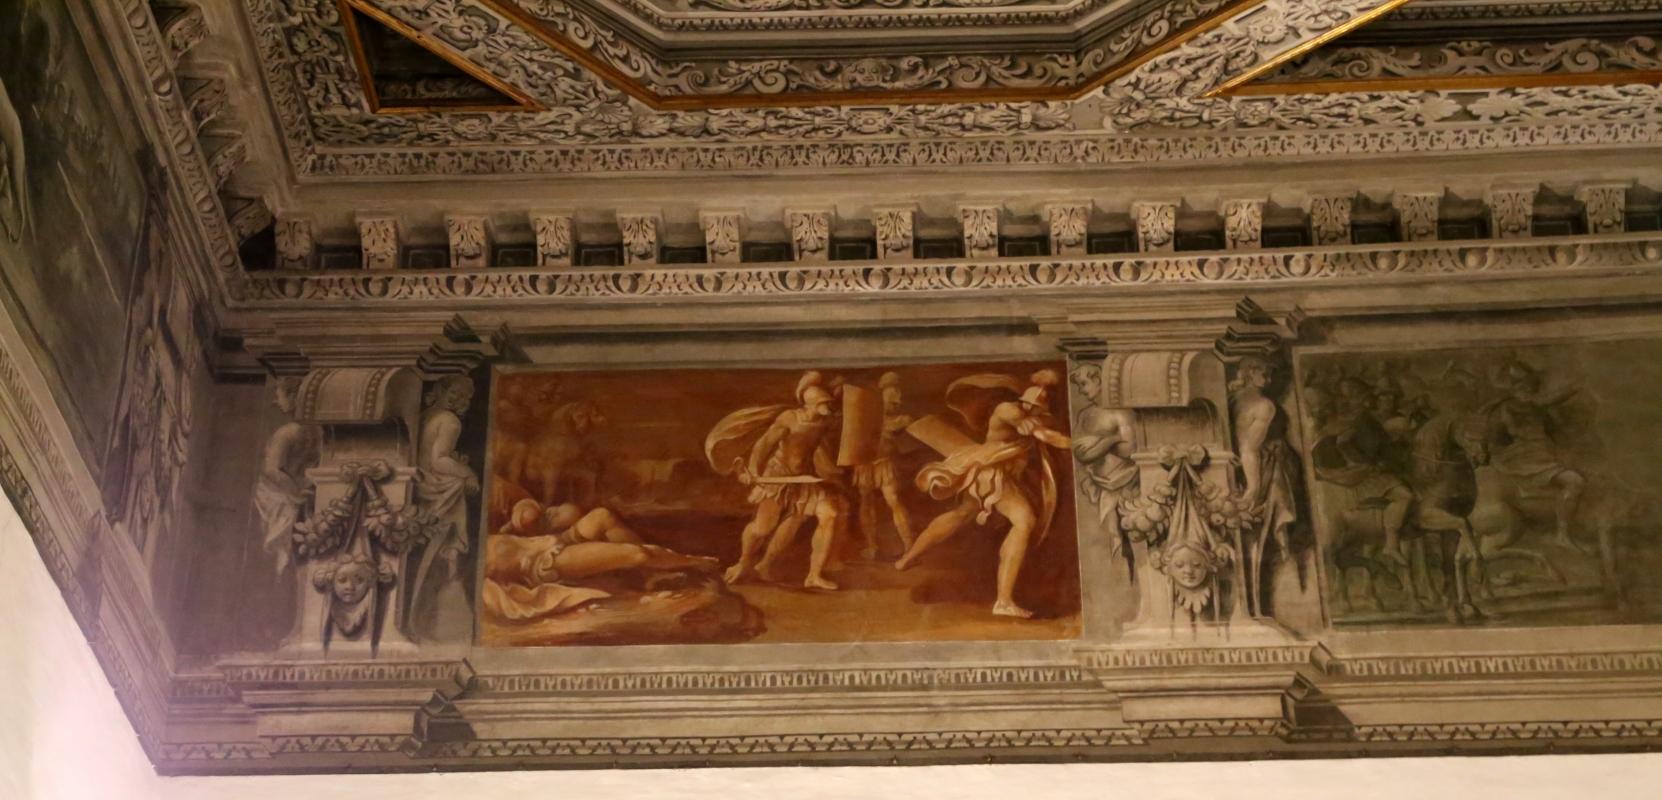 Gualtieri, palazzo bentivoglio, sala di giove, fregio con storie di roma da tito livio, 1600-05 circa, 12 - Sailko - Gualtieri (RE)